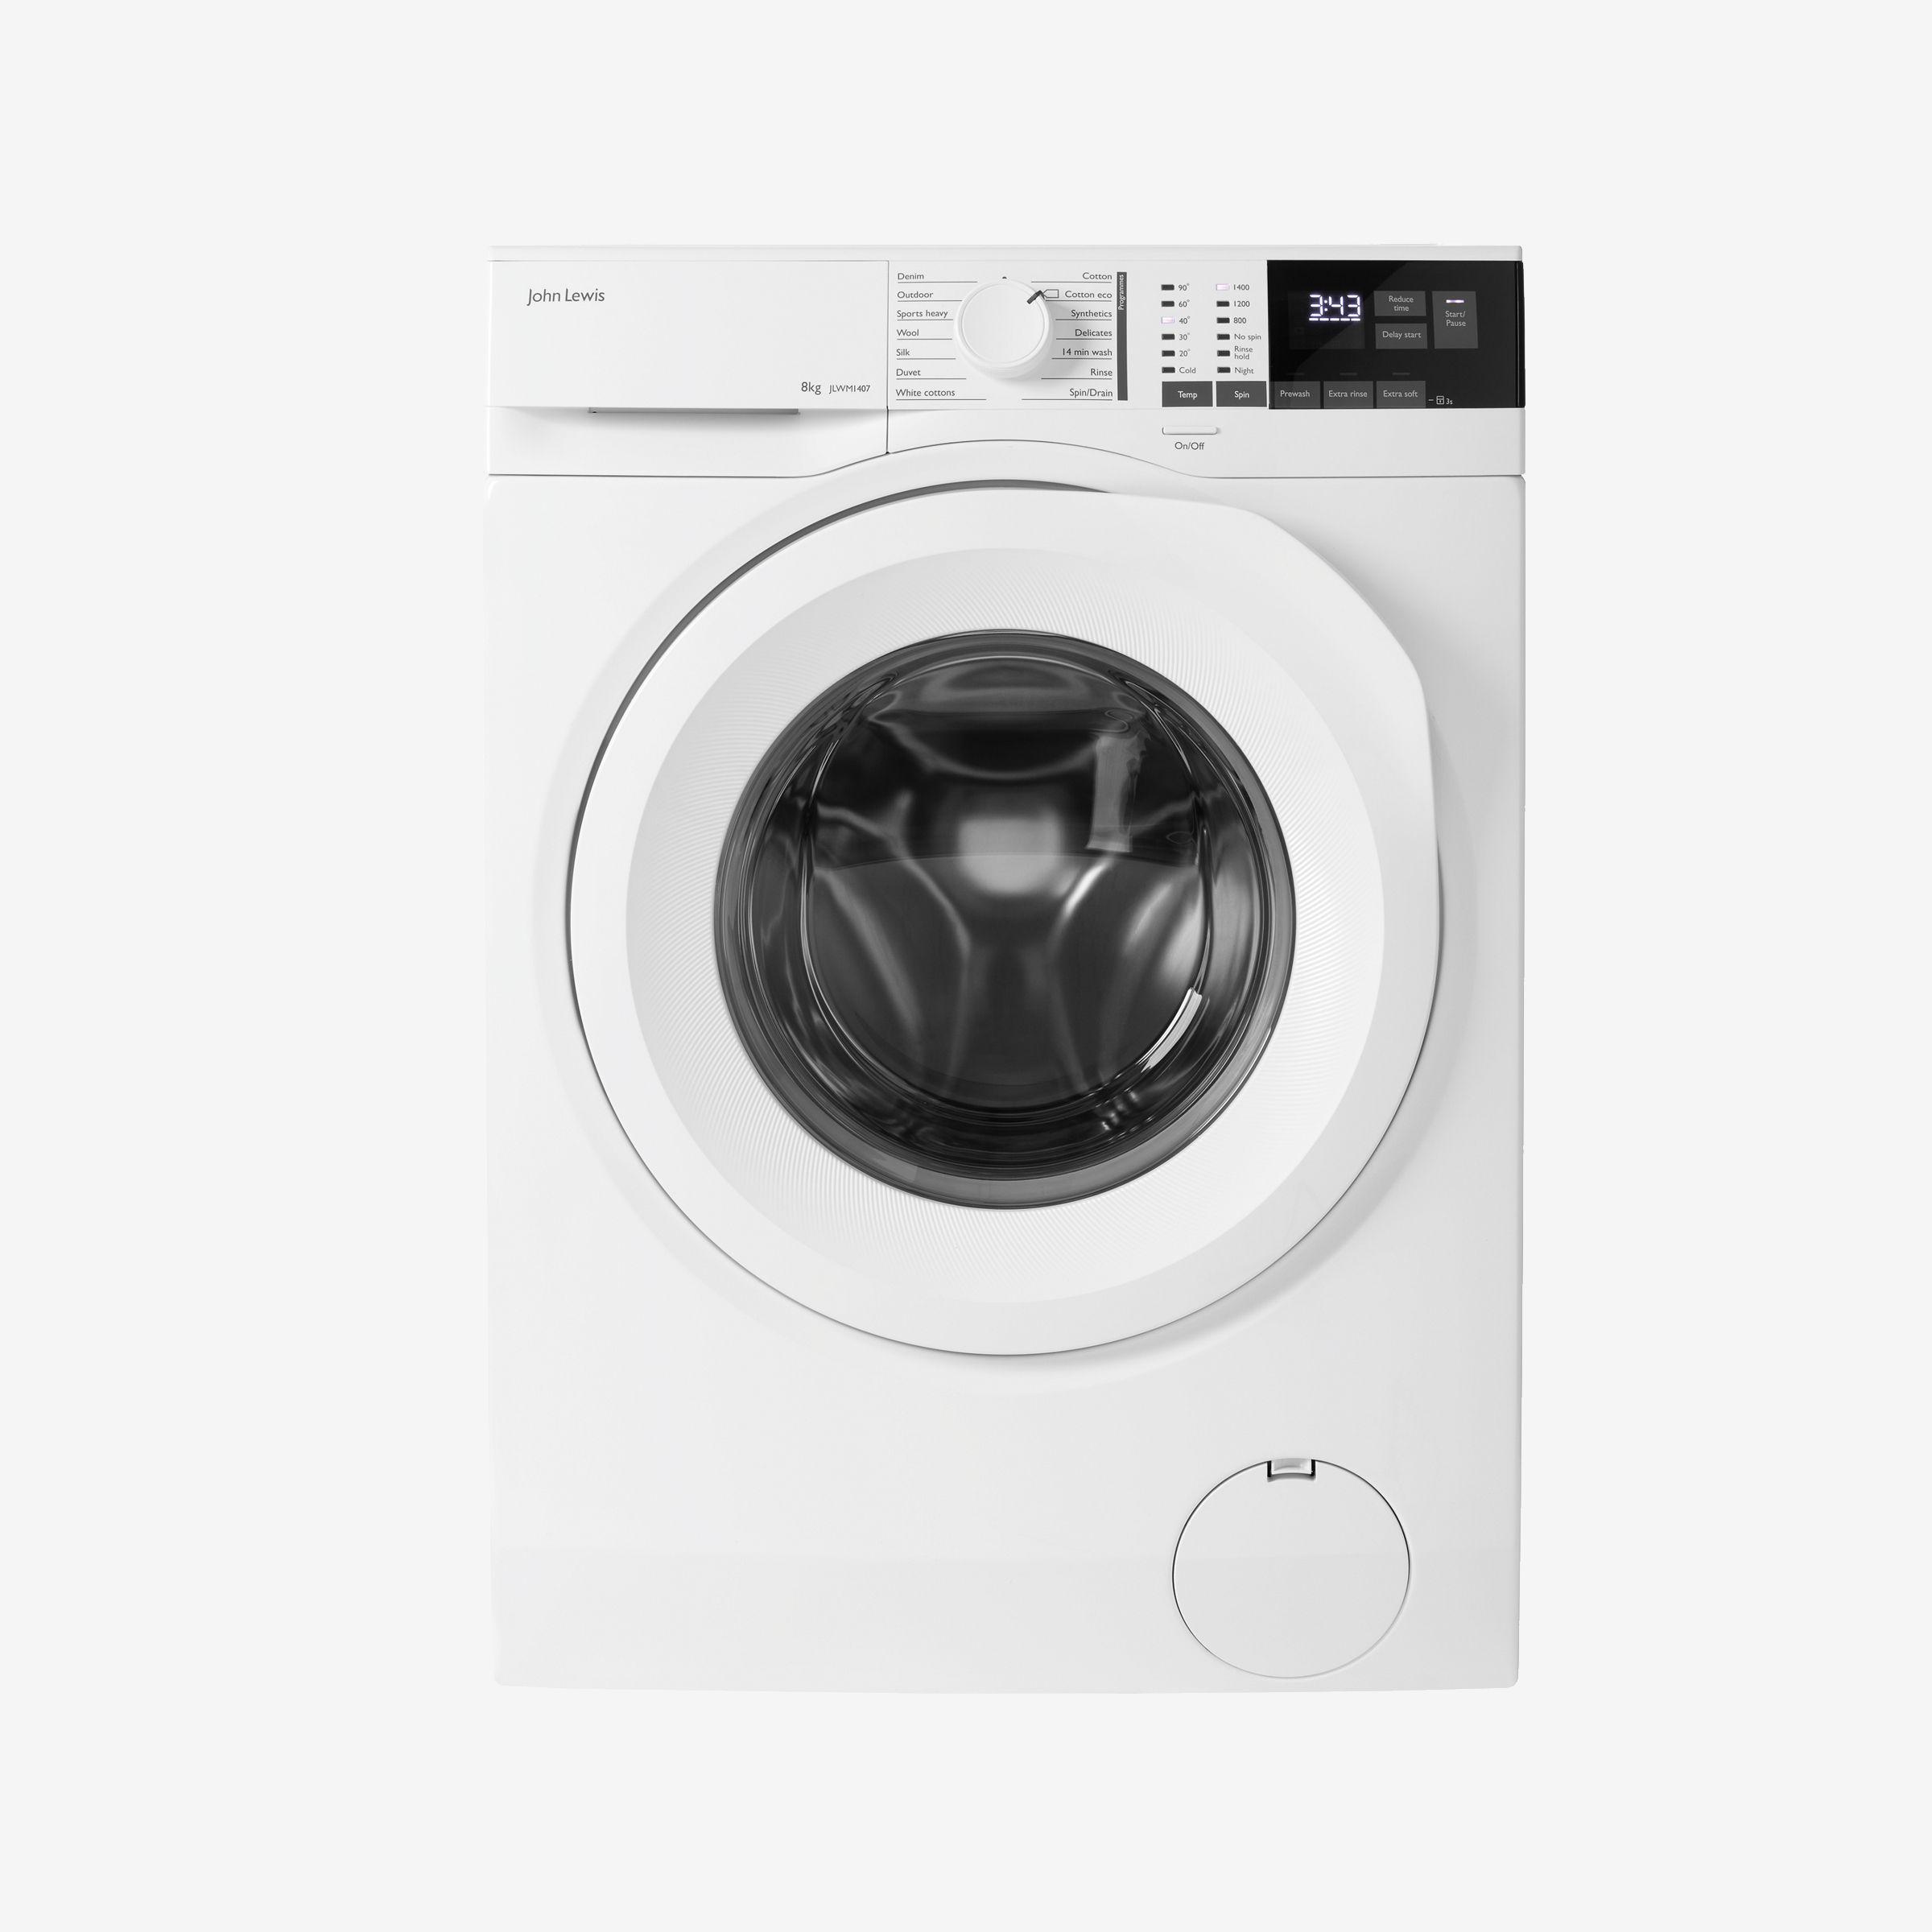 Electricals   Laptops   LED TVs   Washing Machines   John Lewis